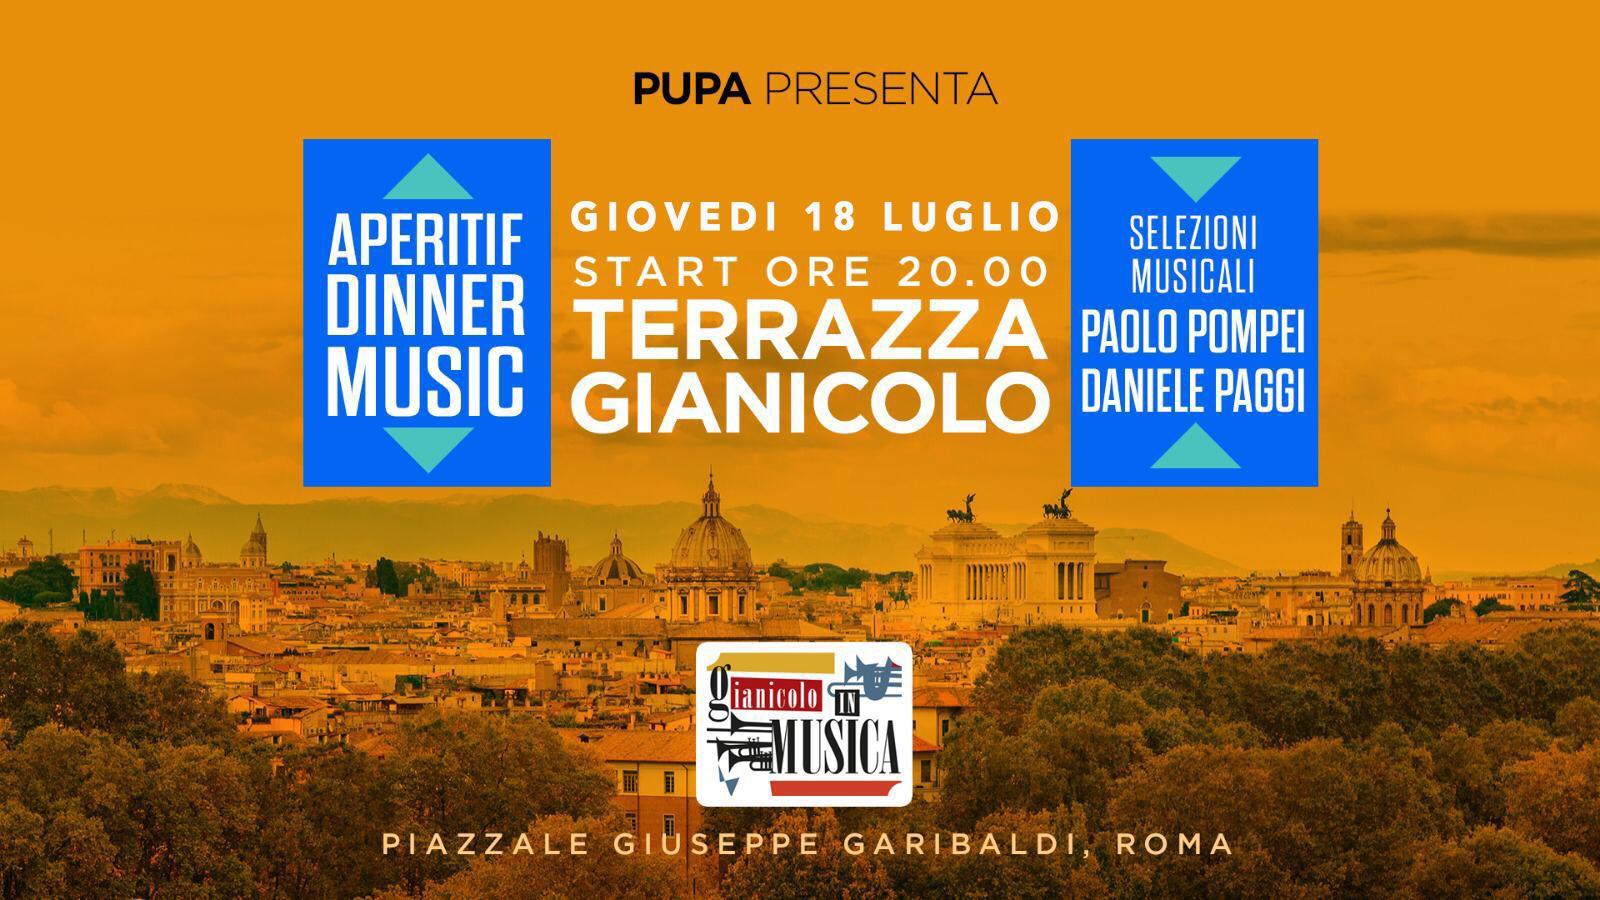 Terrazza Gianicolo giovedì 18 luglio 2019 Aperitivo e Disco PUPA 🍋